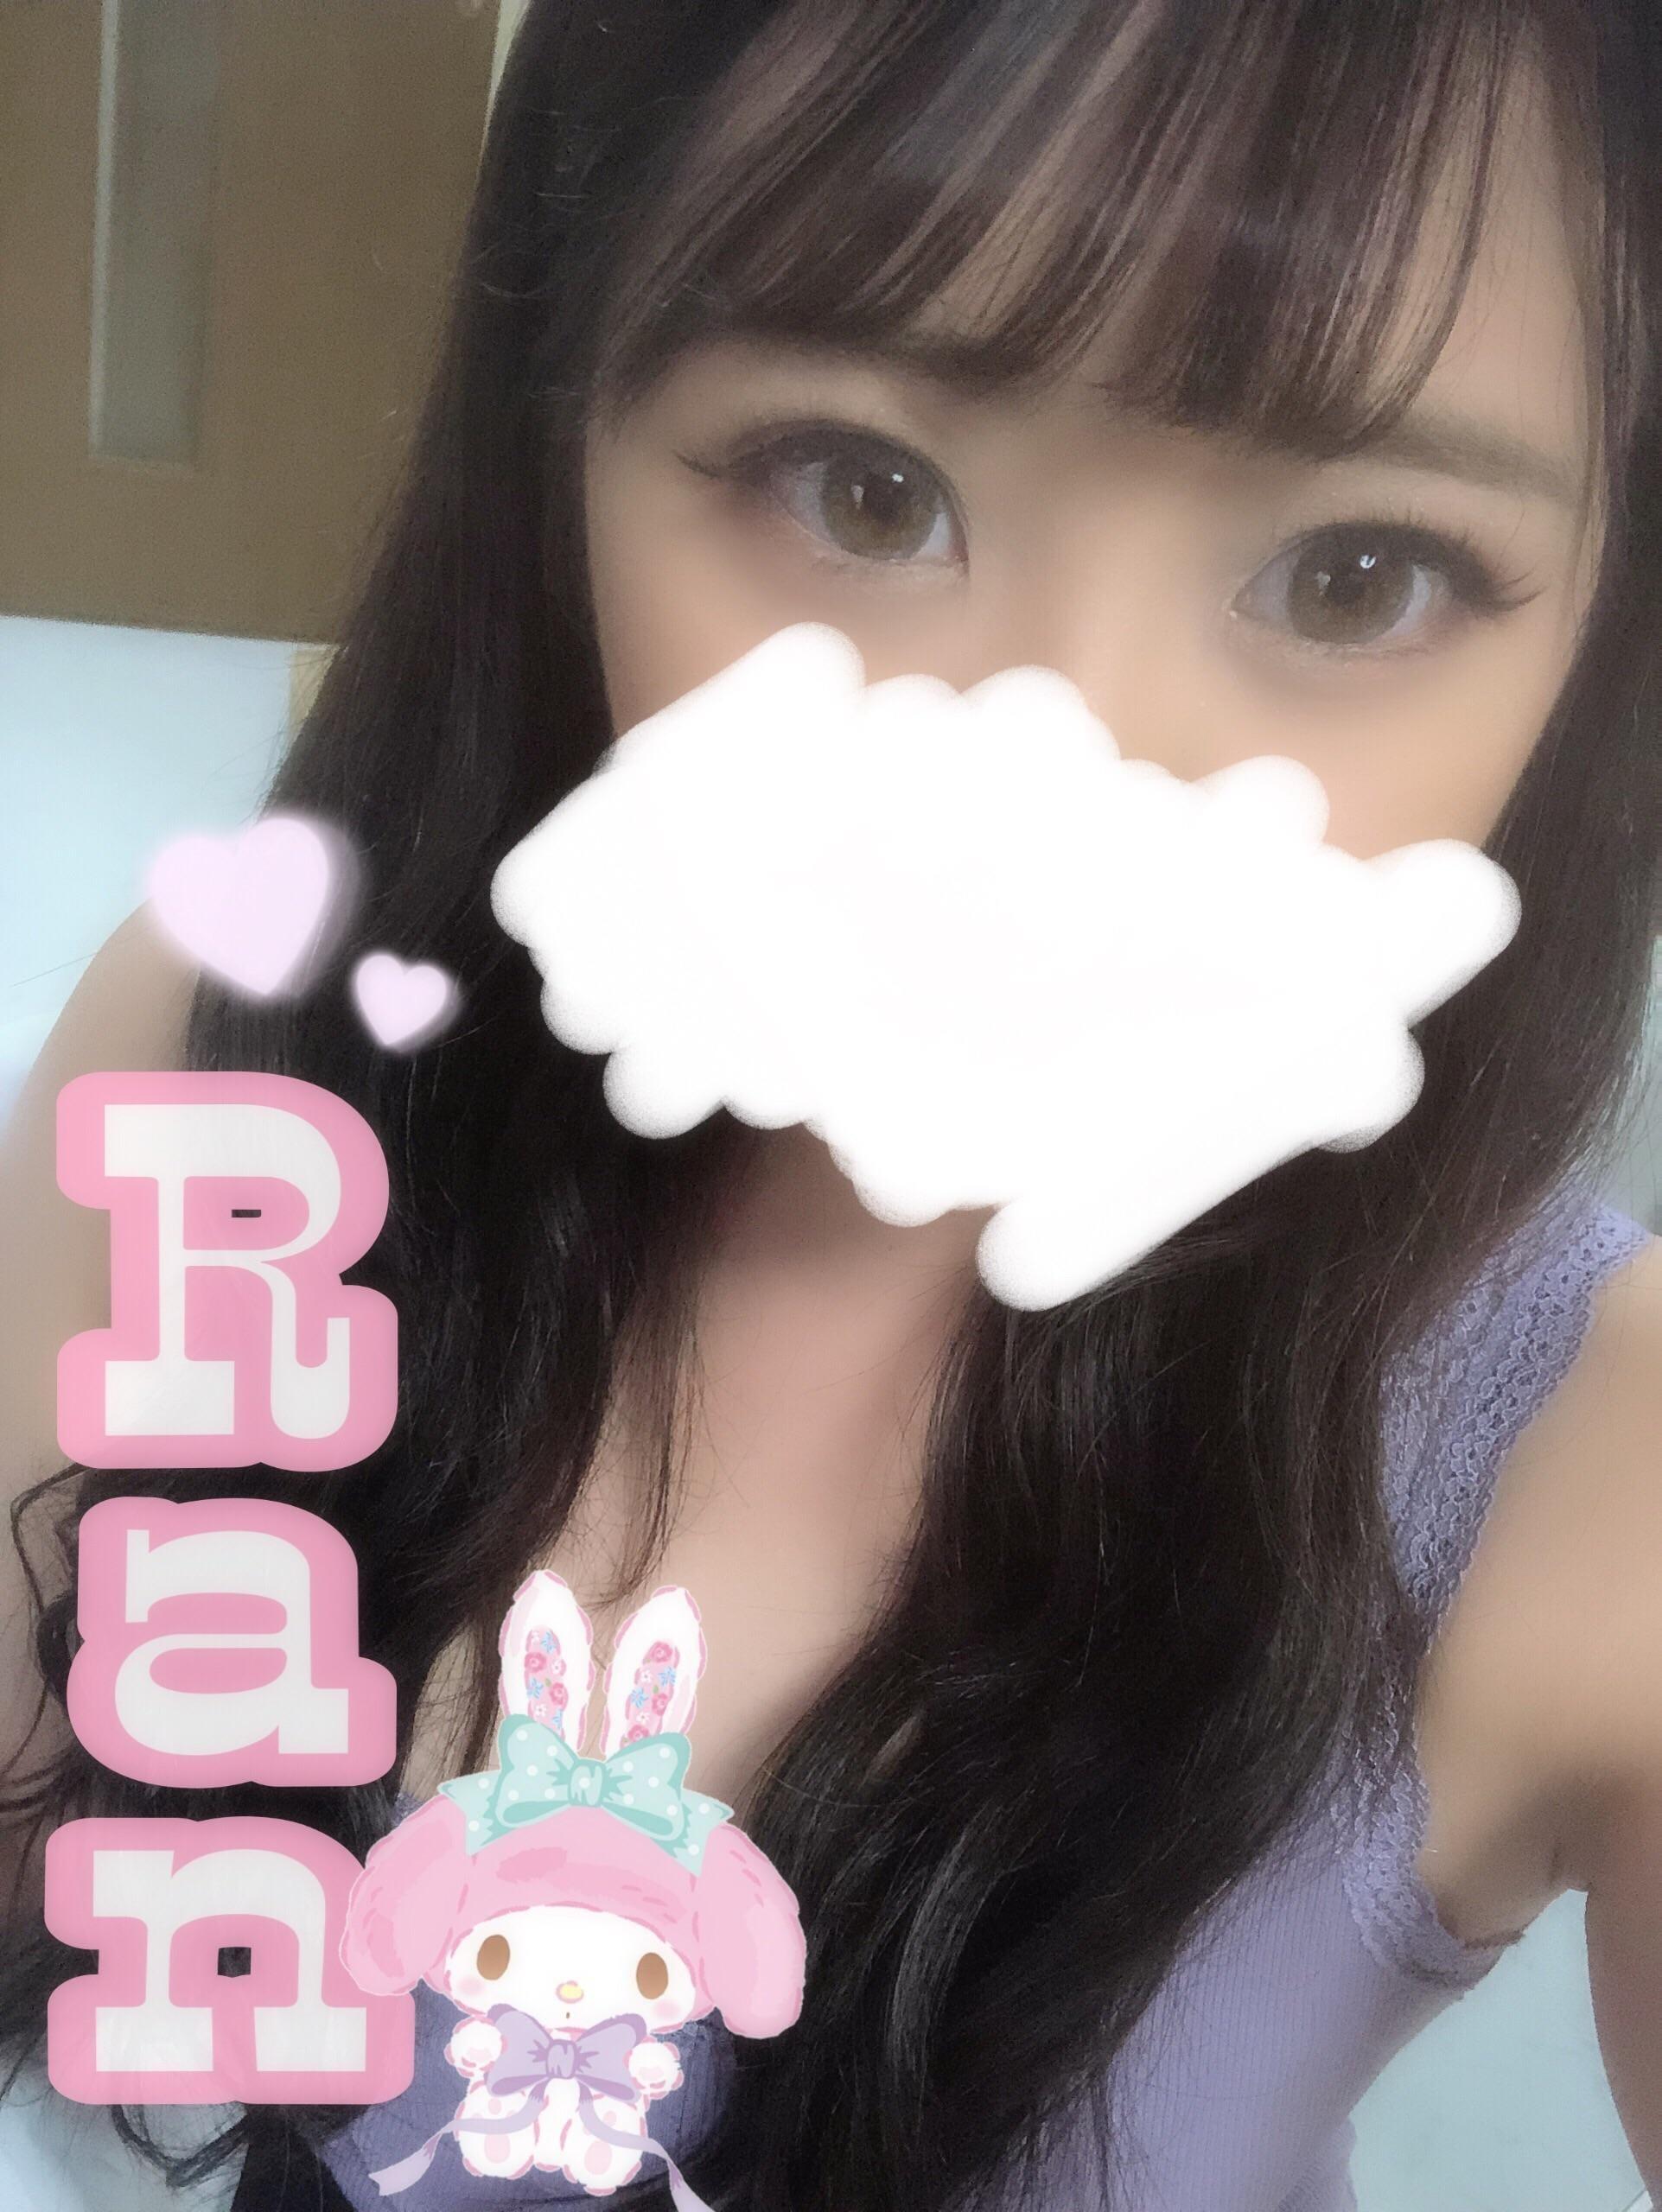 「?? お礼」08/16(08/16) 23:40 | らんの写メ・風俗動画